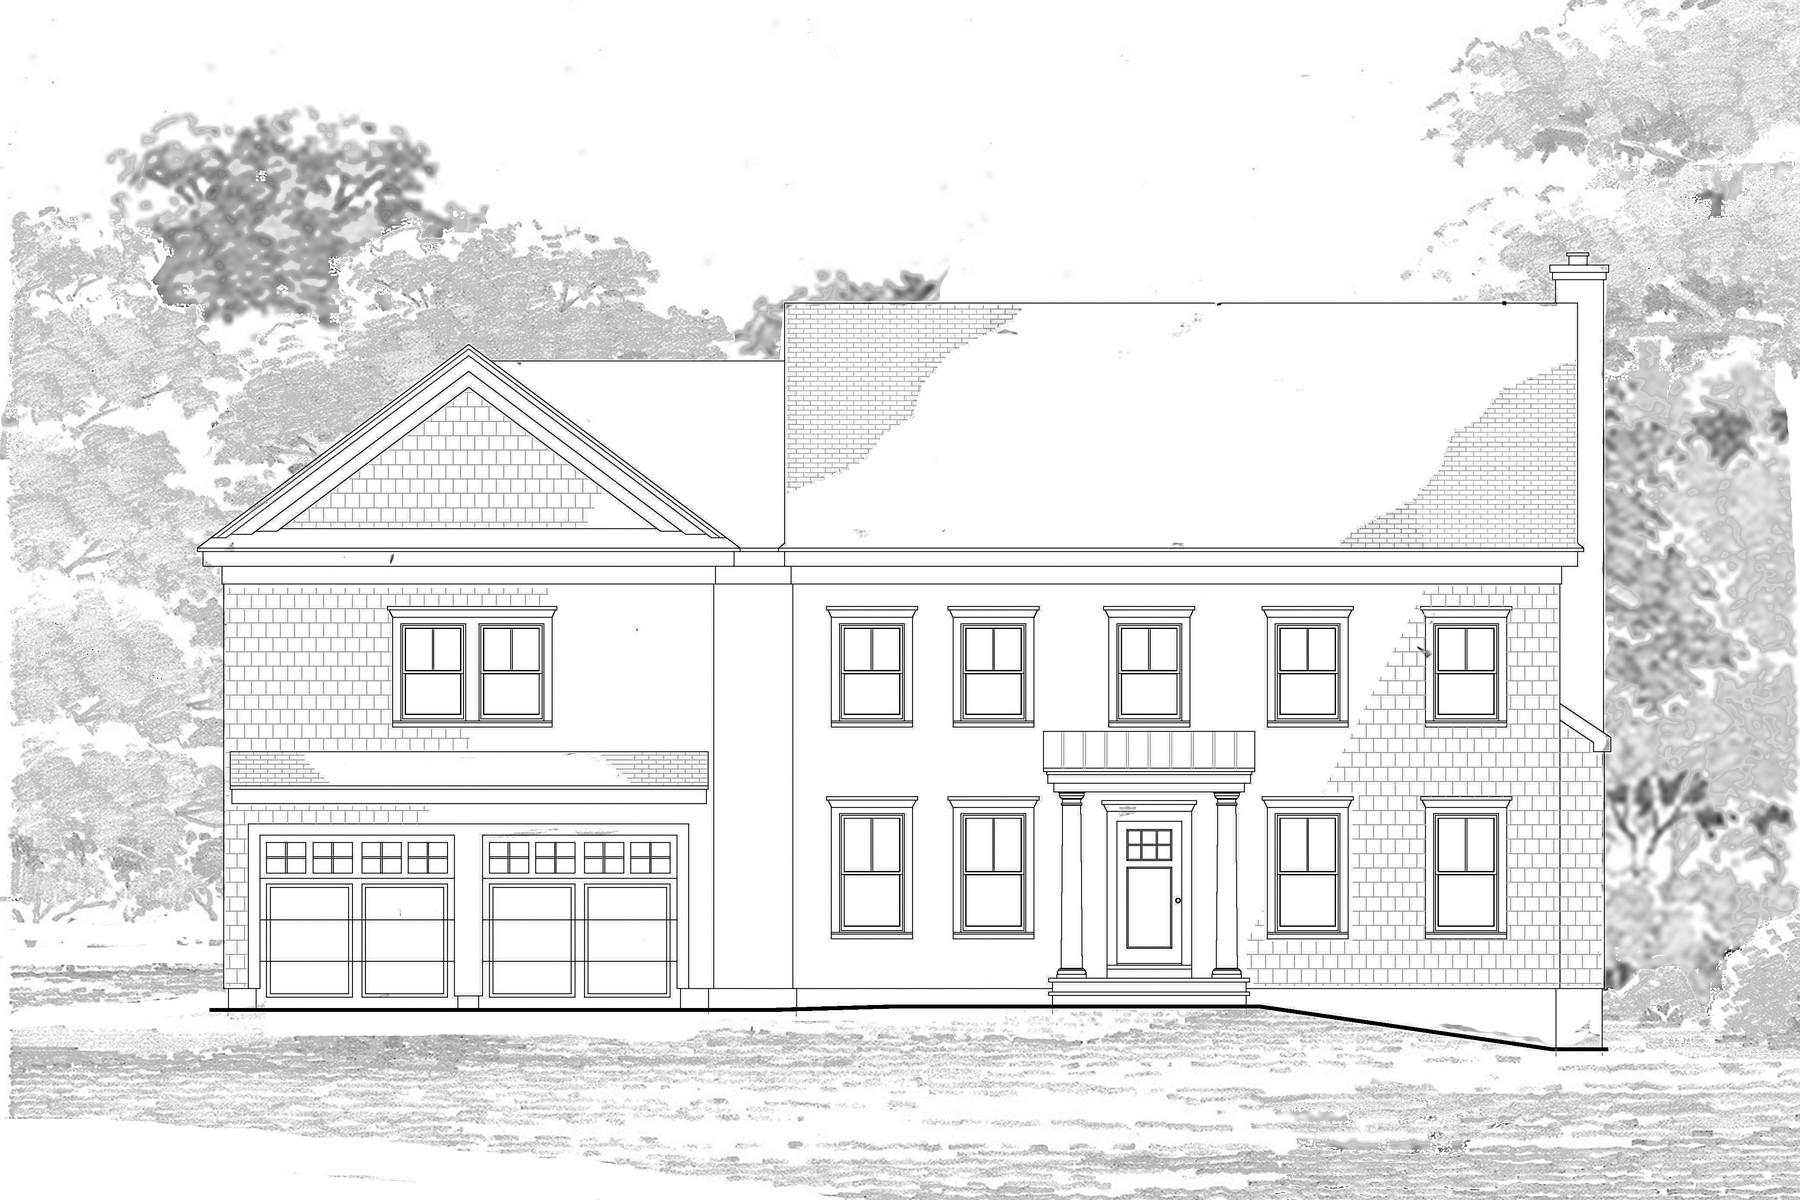 단독 가정 주택 용 매매 에 Stunning New Construction 5 Barbara Place Westport, 코네티컷 06880 미국